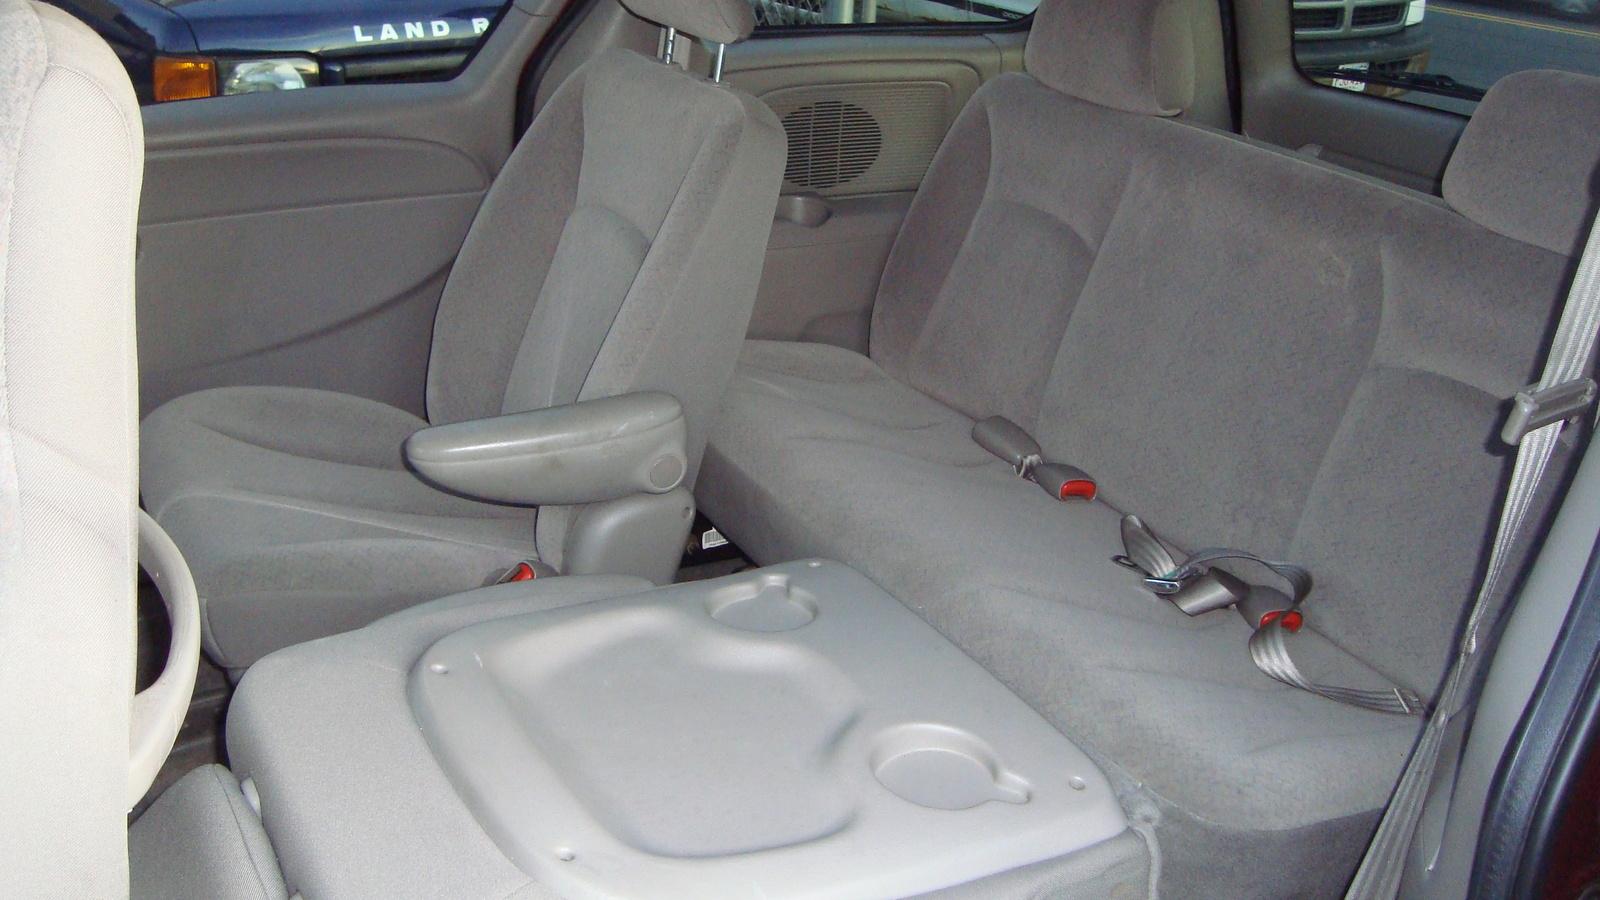 2003 Dodge Caravan Evap Problems | Autos Post